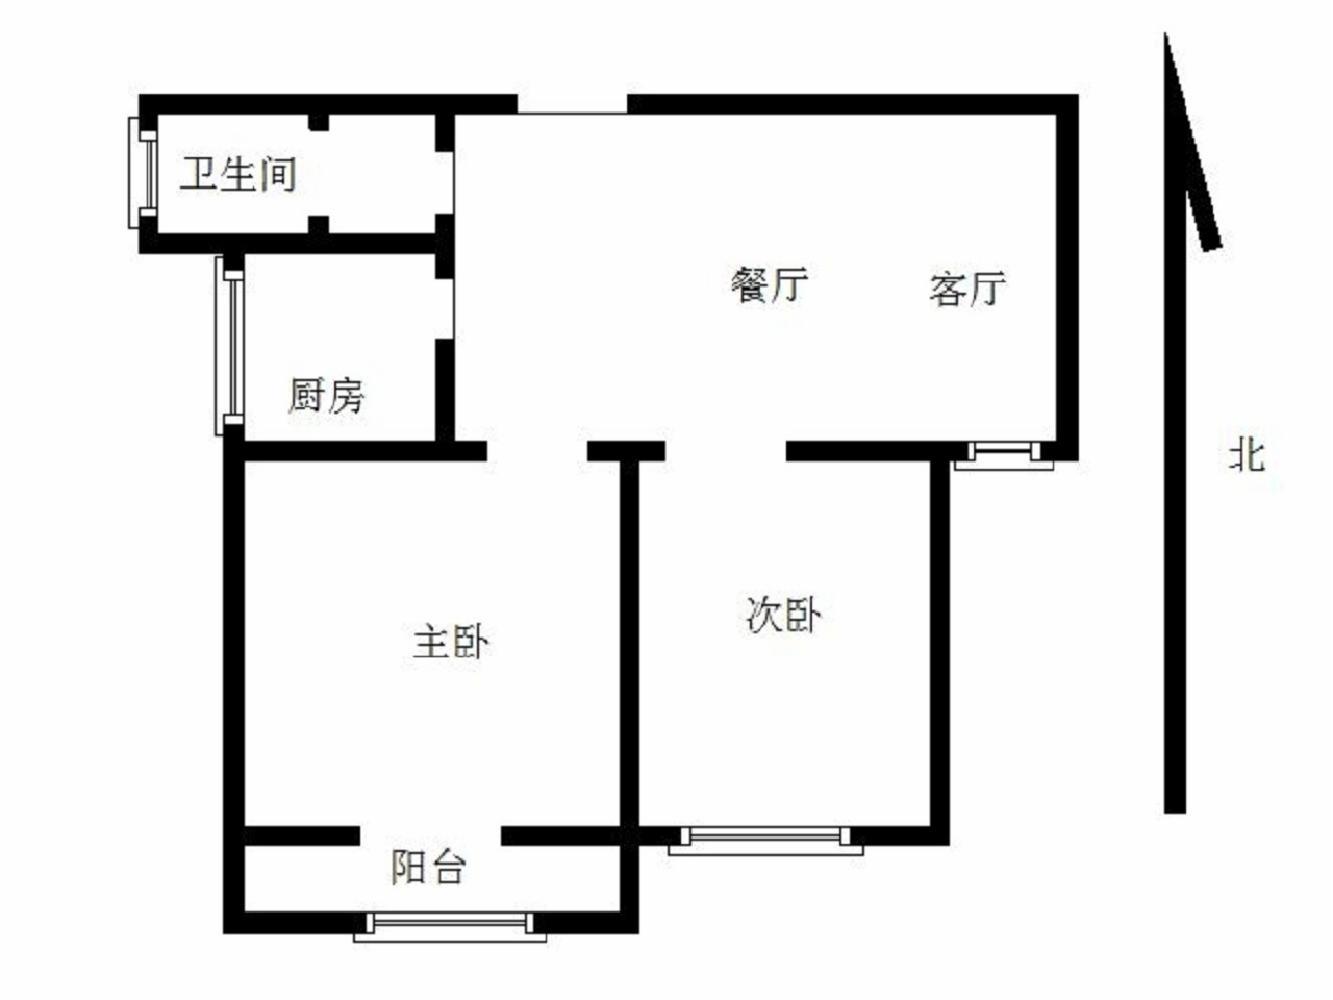 玄武区卫岗银城东苑菱香苑2室2厅户型图